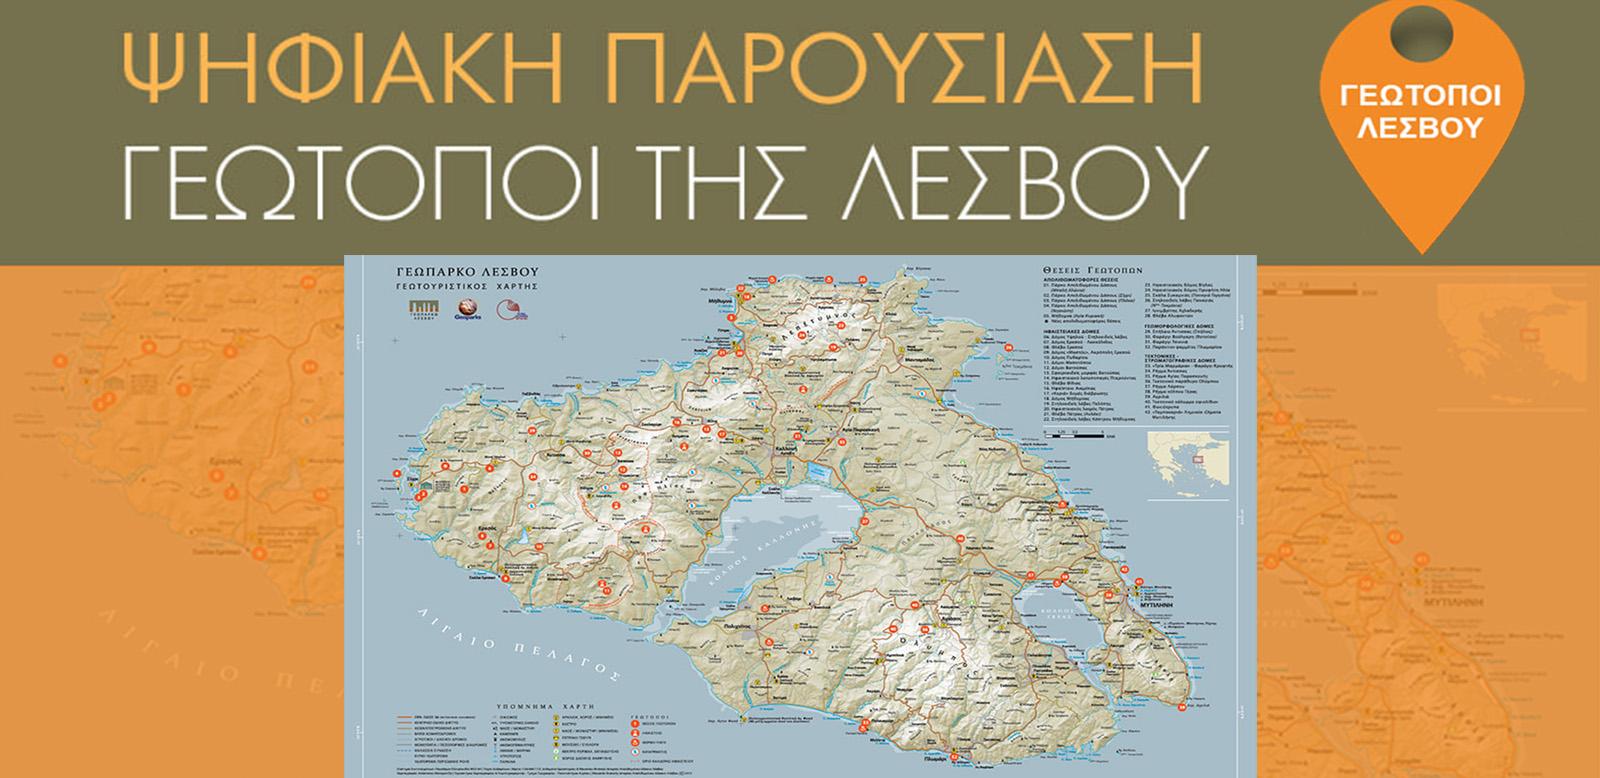 Geotopoi-Lesvou